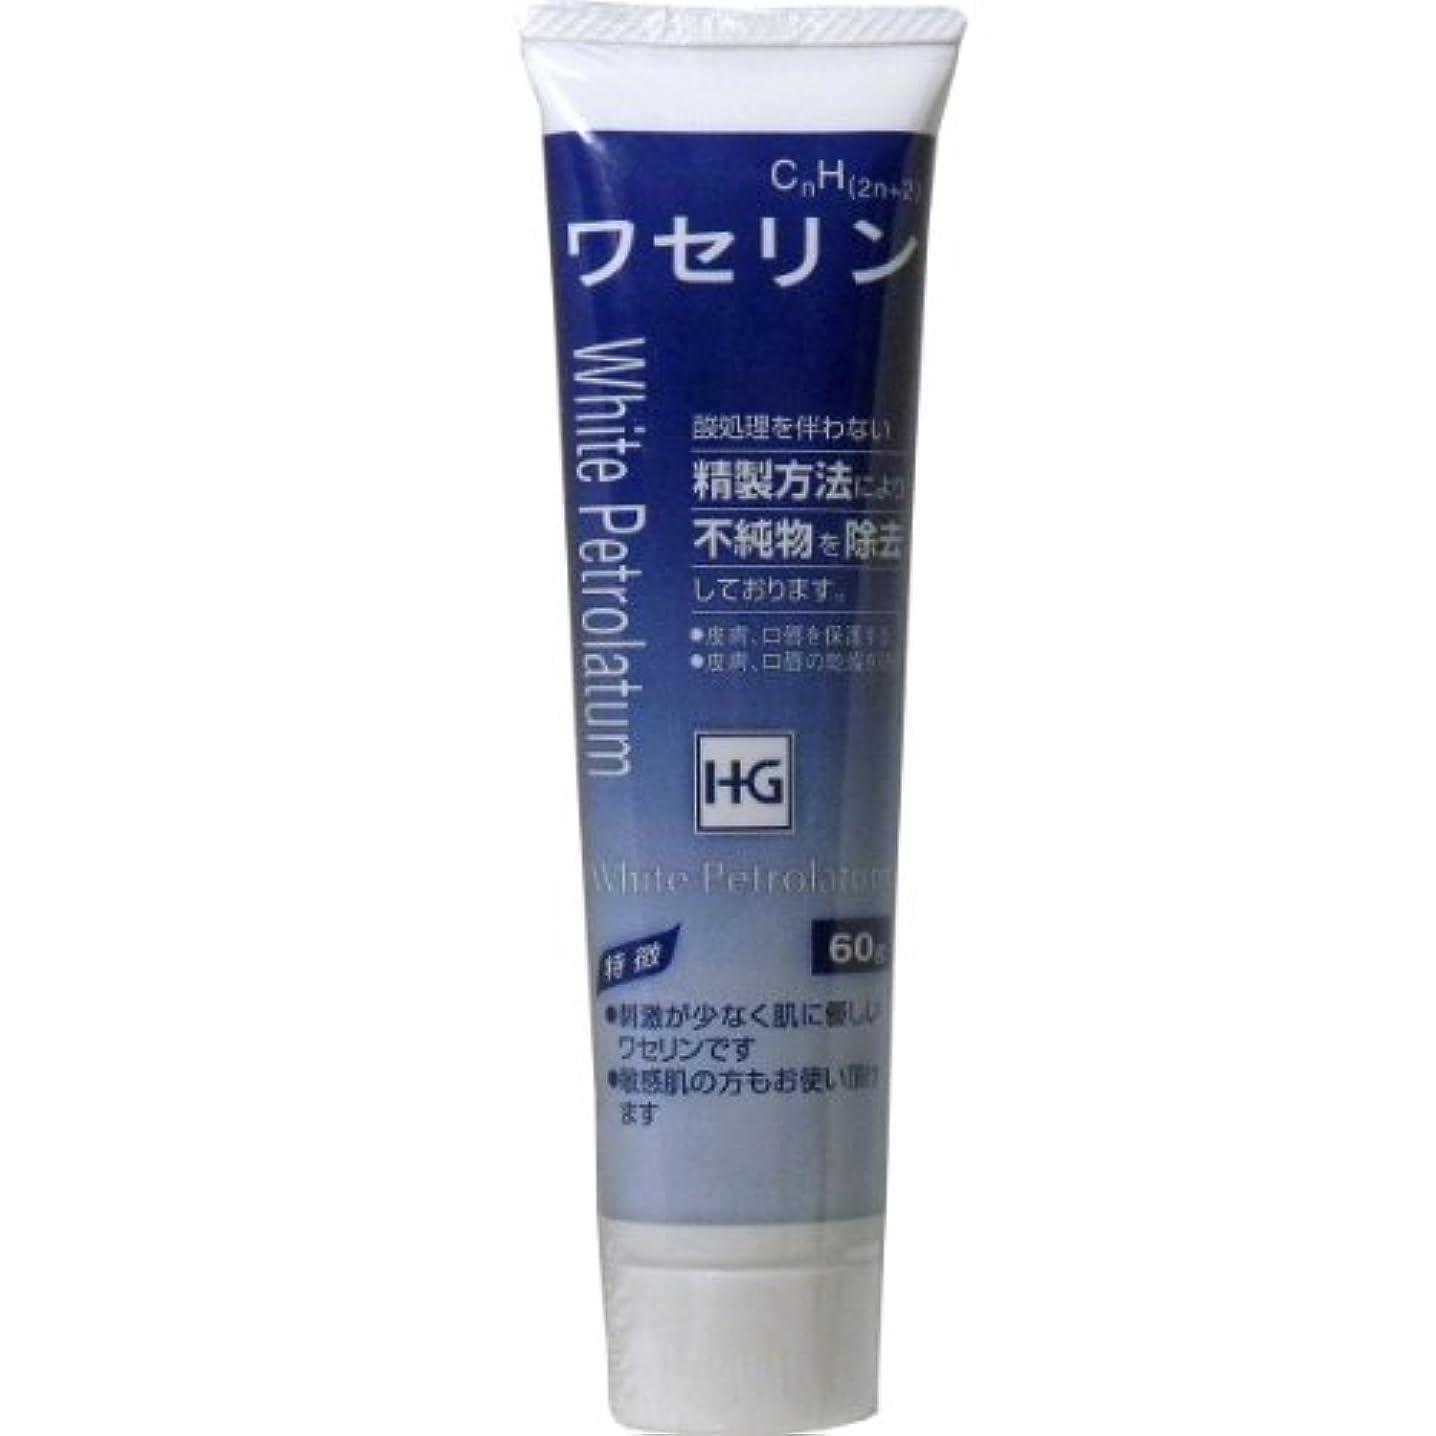 うま元気なホールド皮膚保護 ワセリンHG チューブ 60g入 ×3個セット